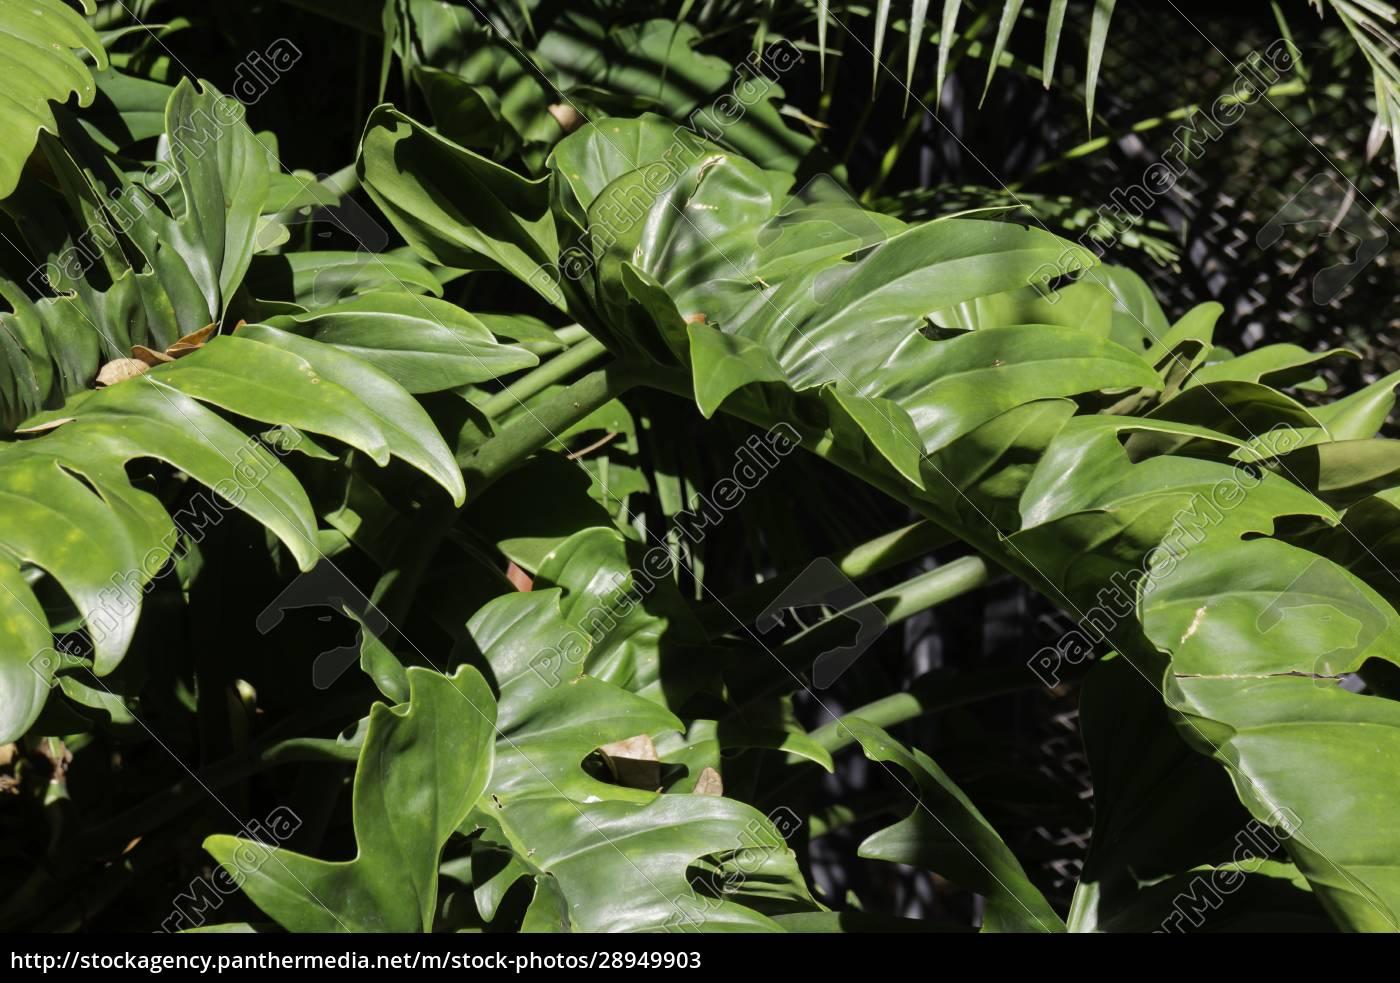 tropical, garden, plants, in, summer - 28949903